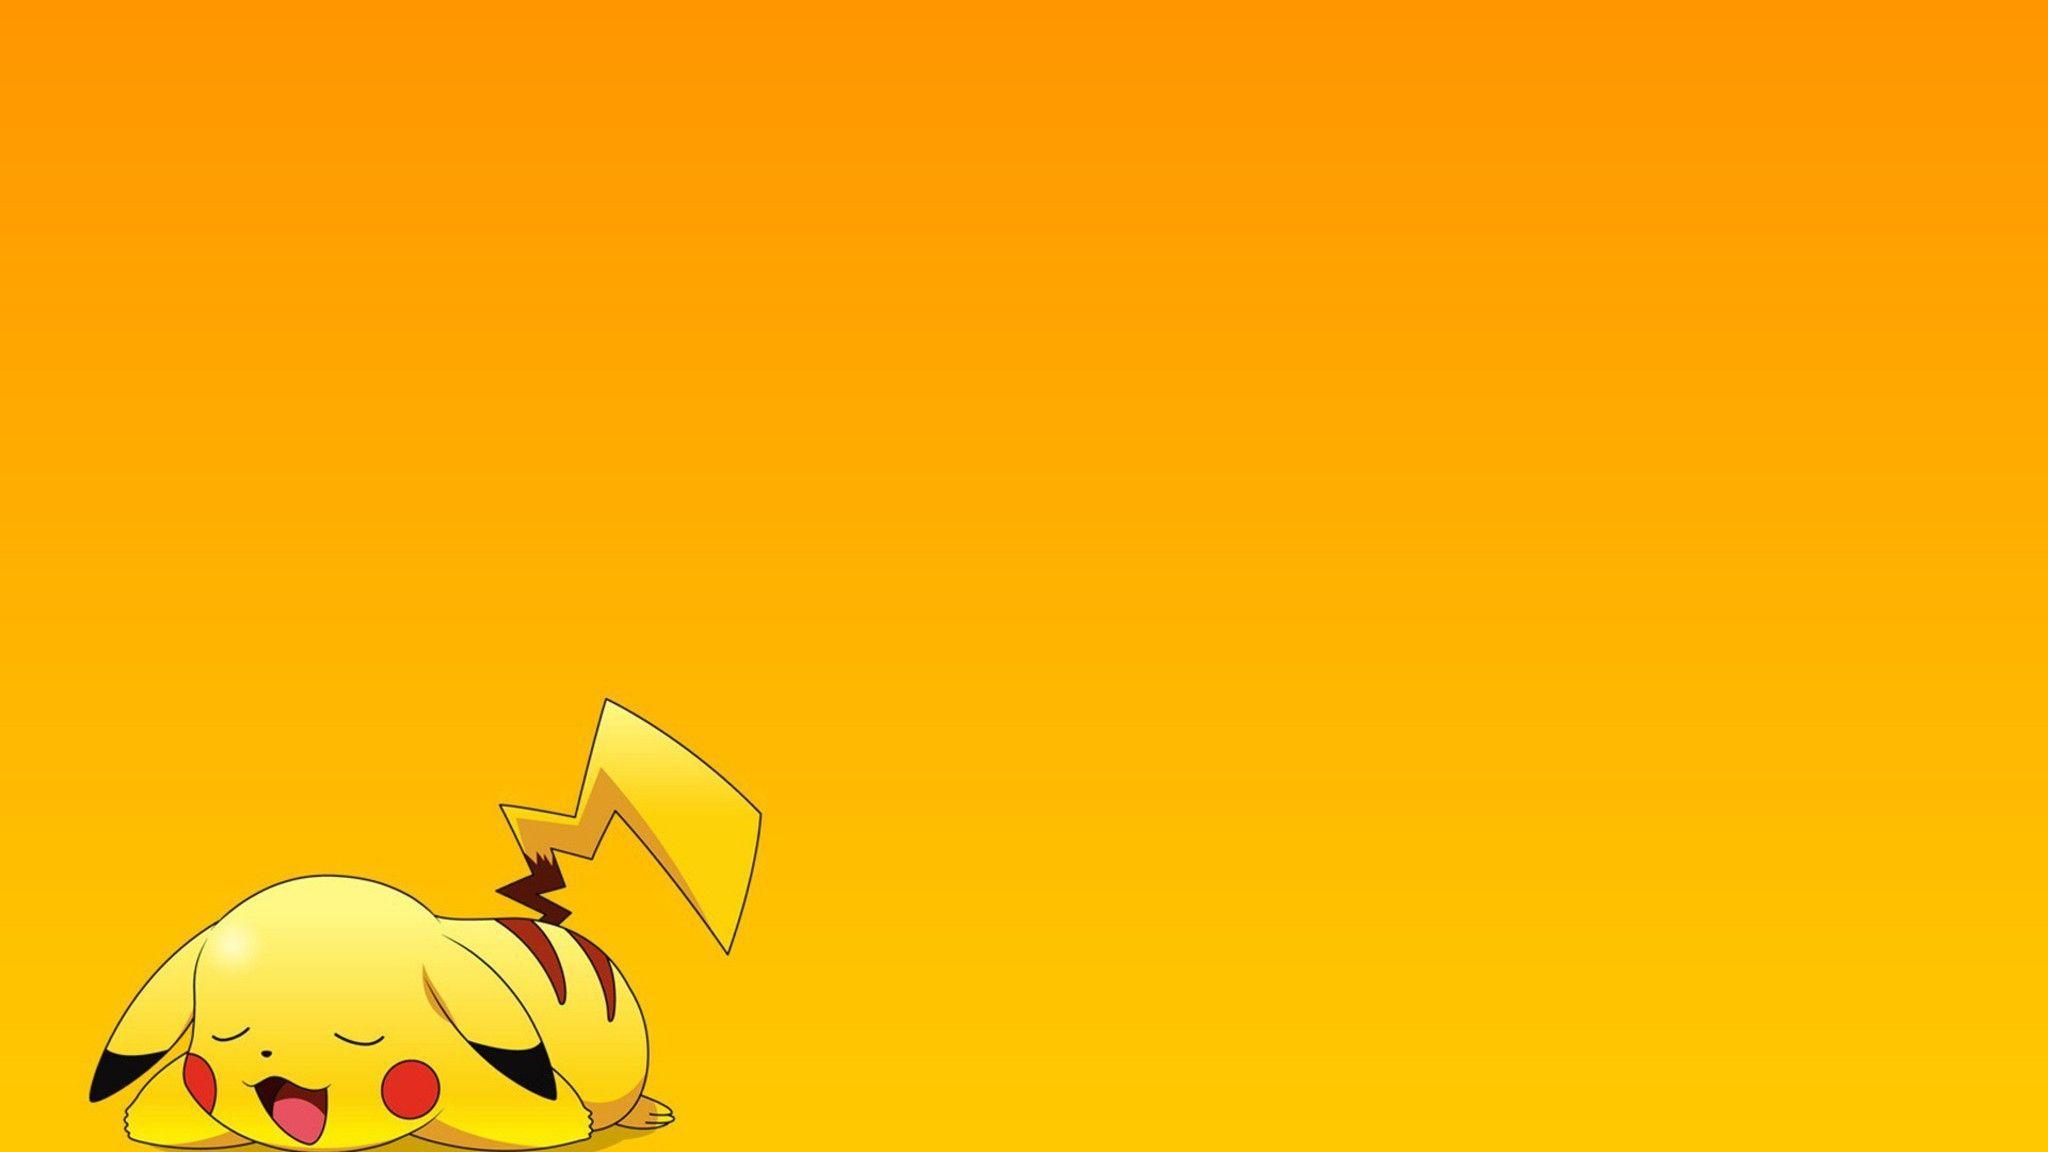 Hình nền Pikachu 2048x1152.  máy tính